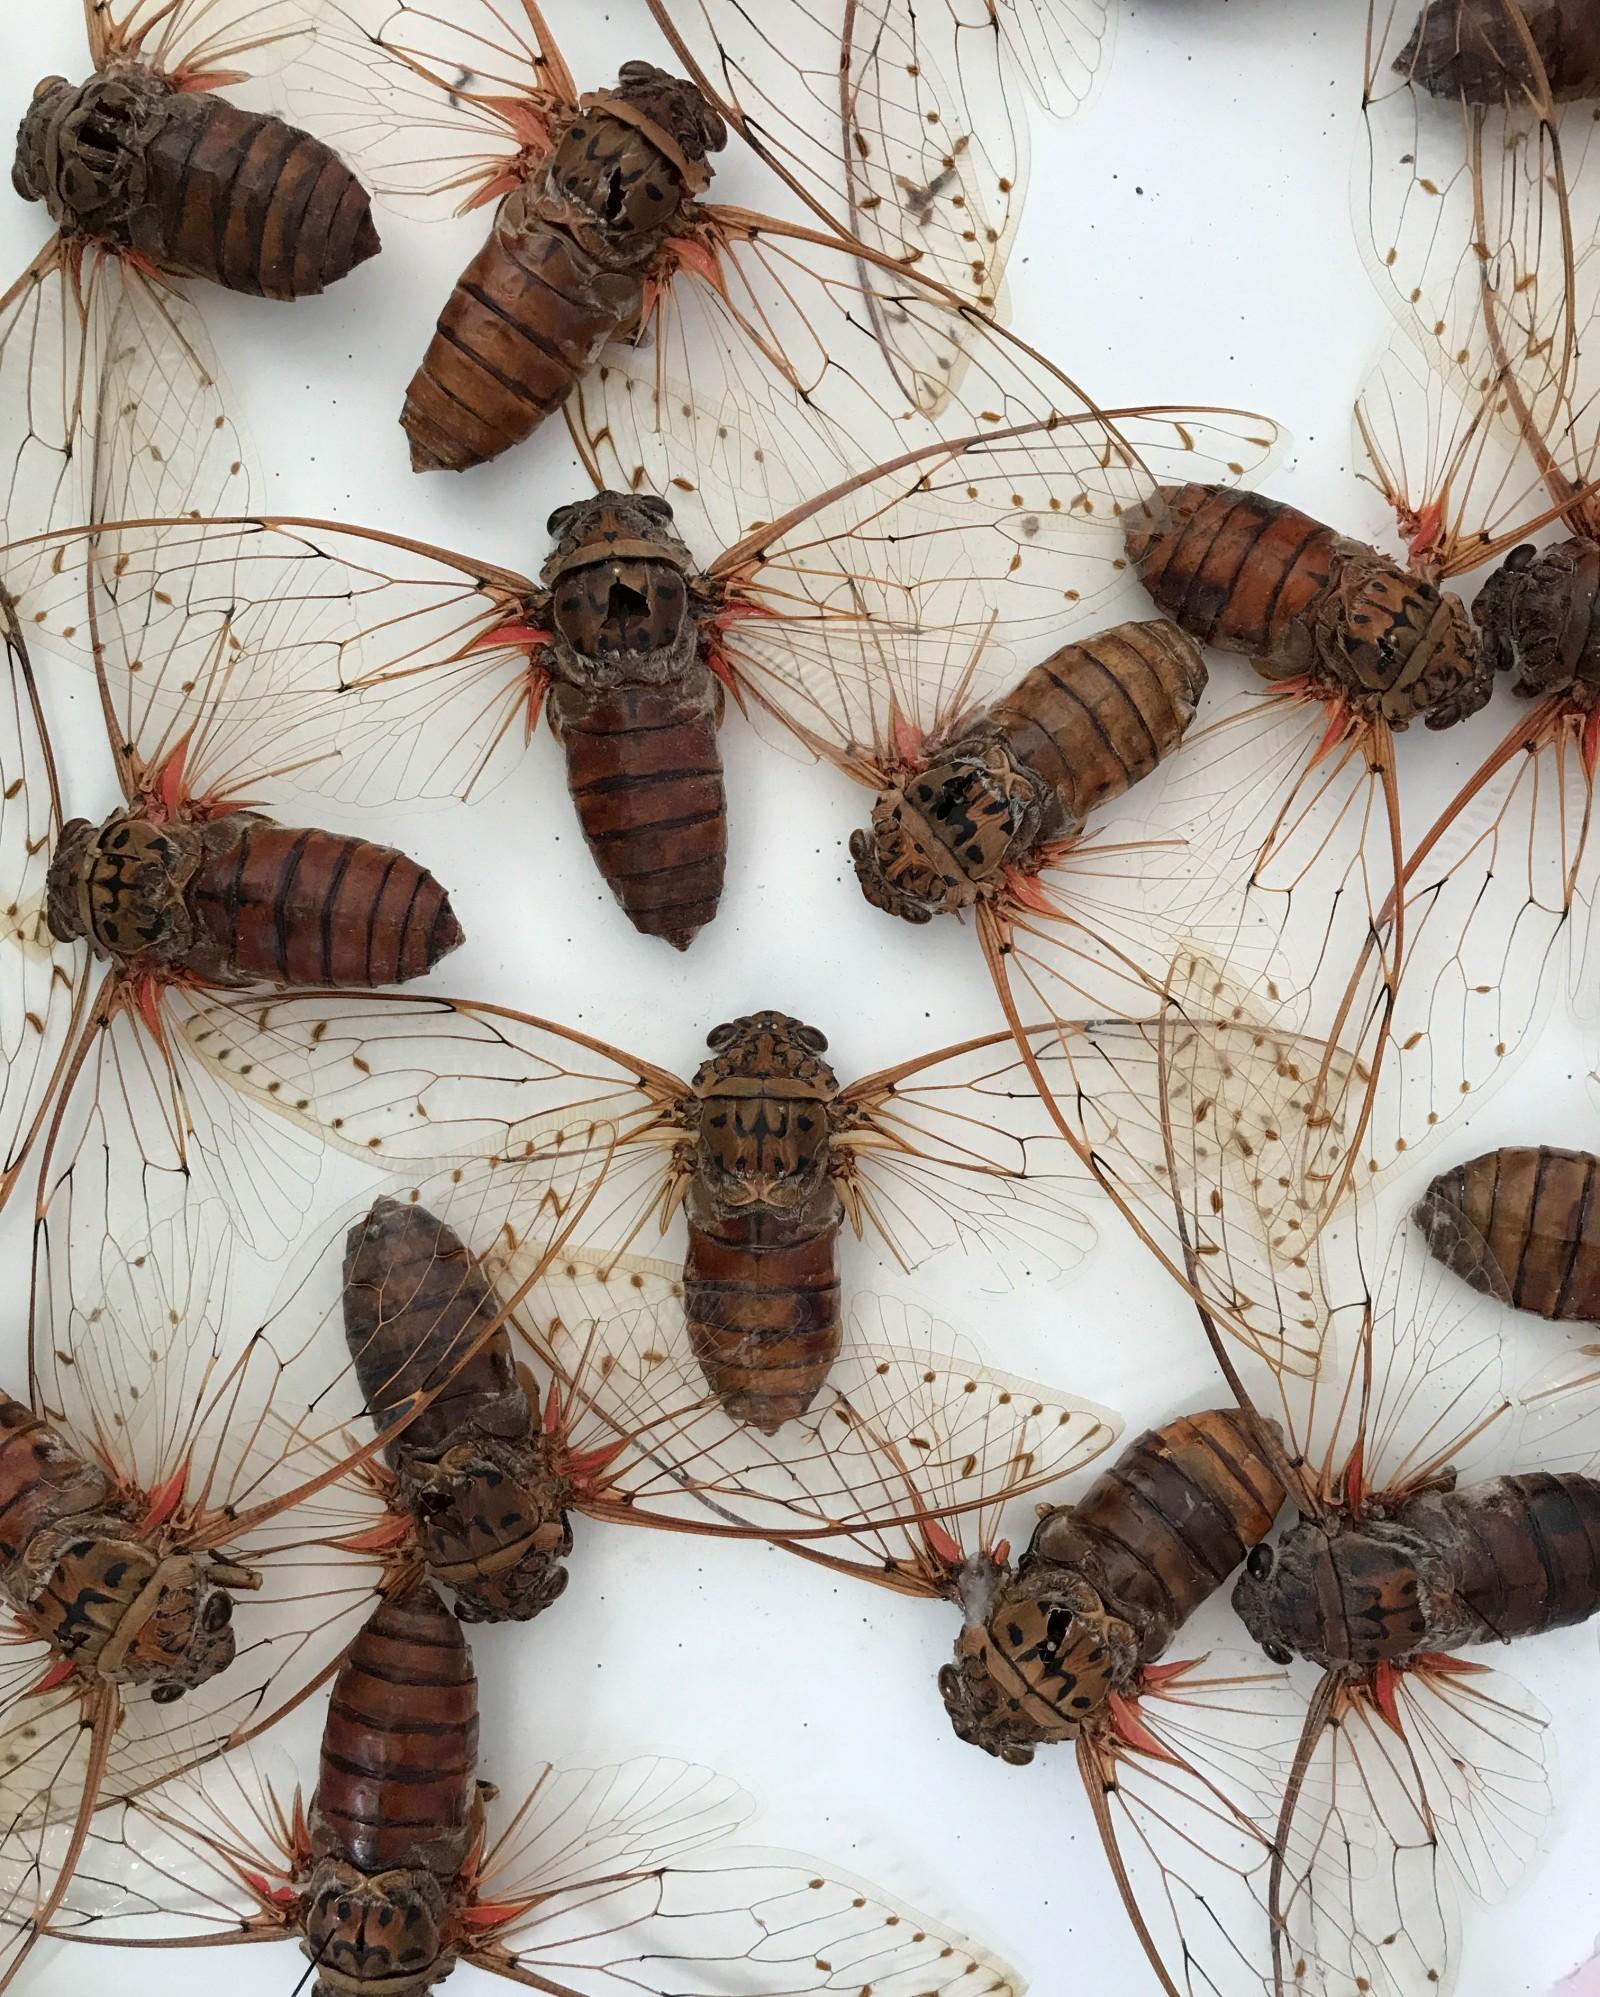 Malayian cicadas - Pyragraph